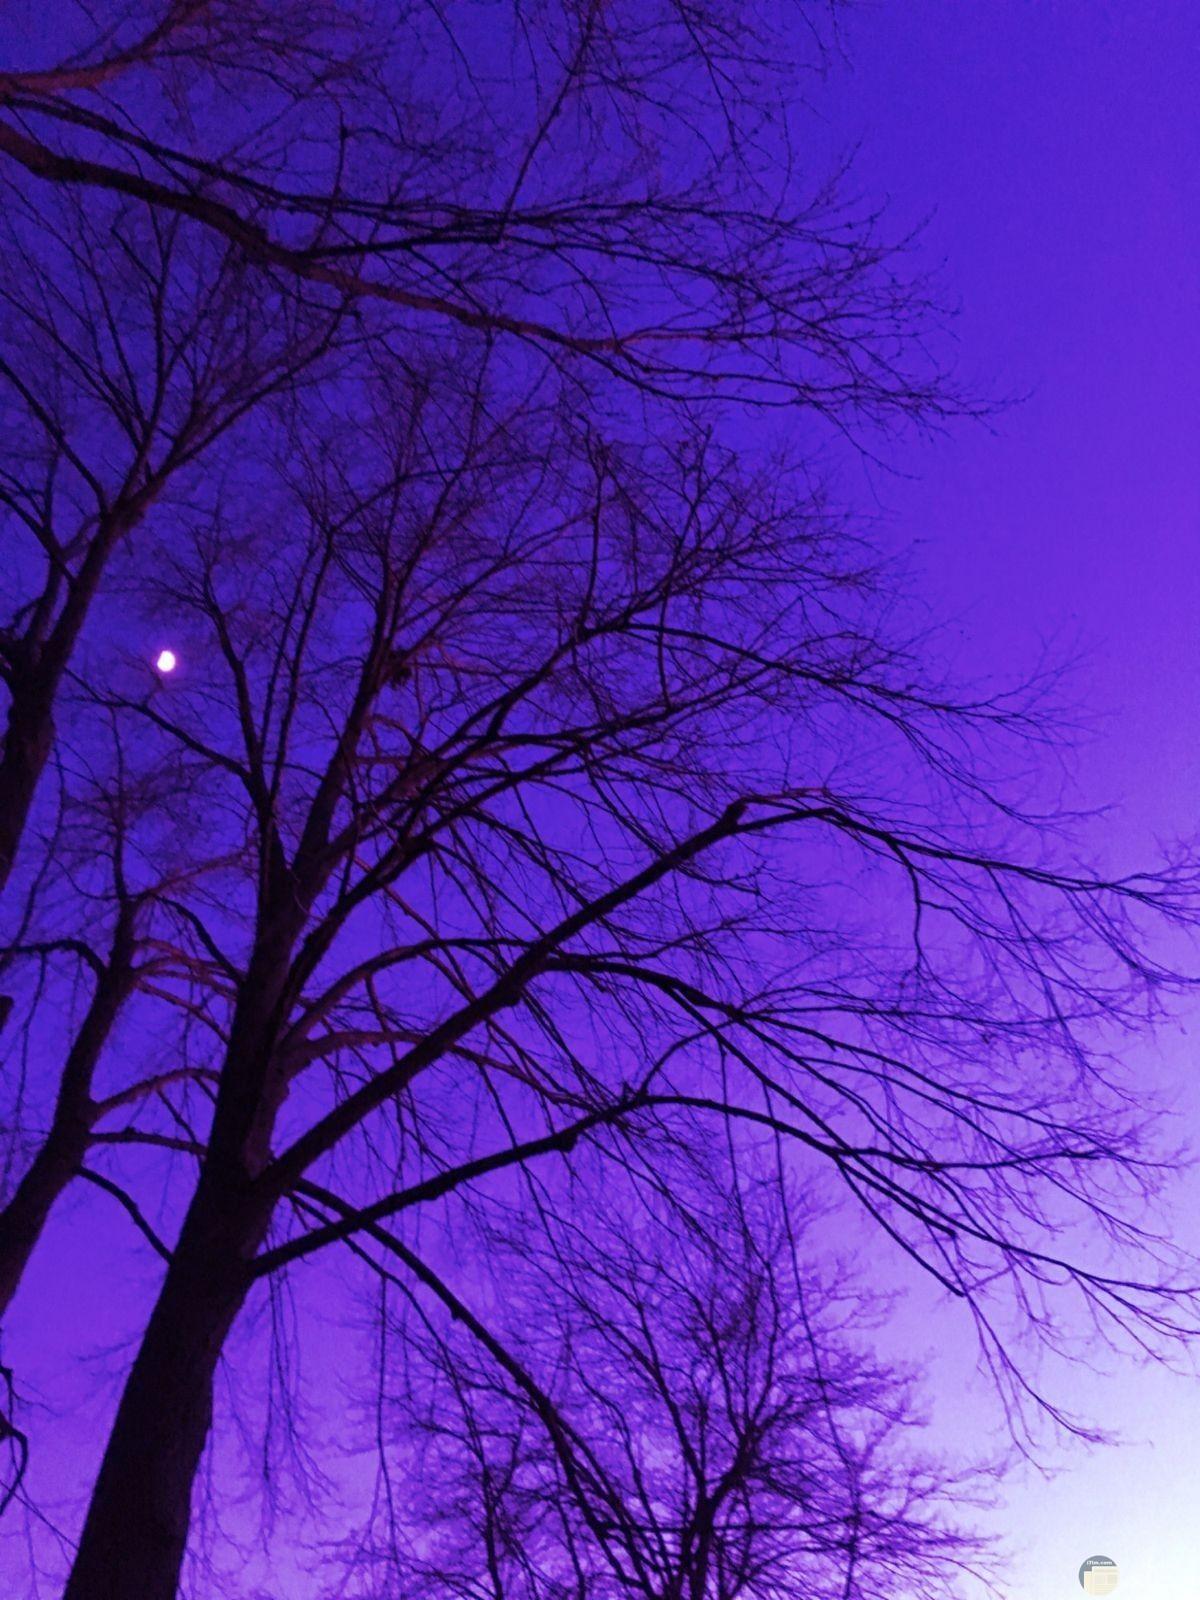 شجرة و خلفية سماء باللون البنفسجي.